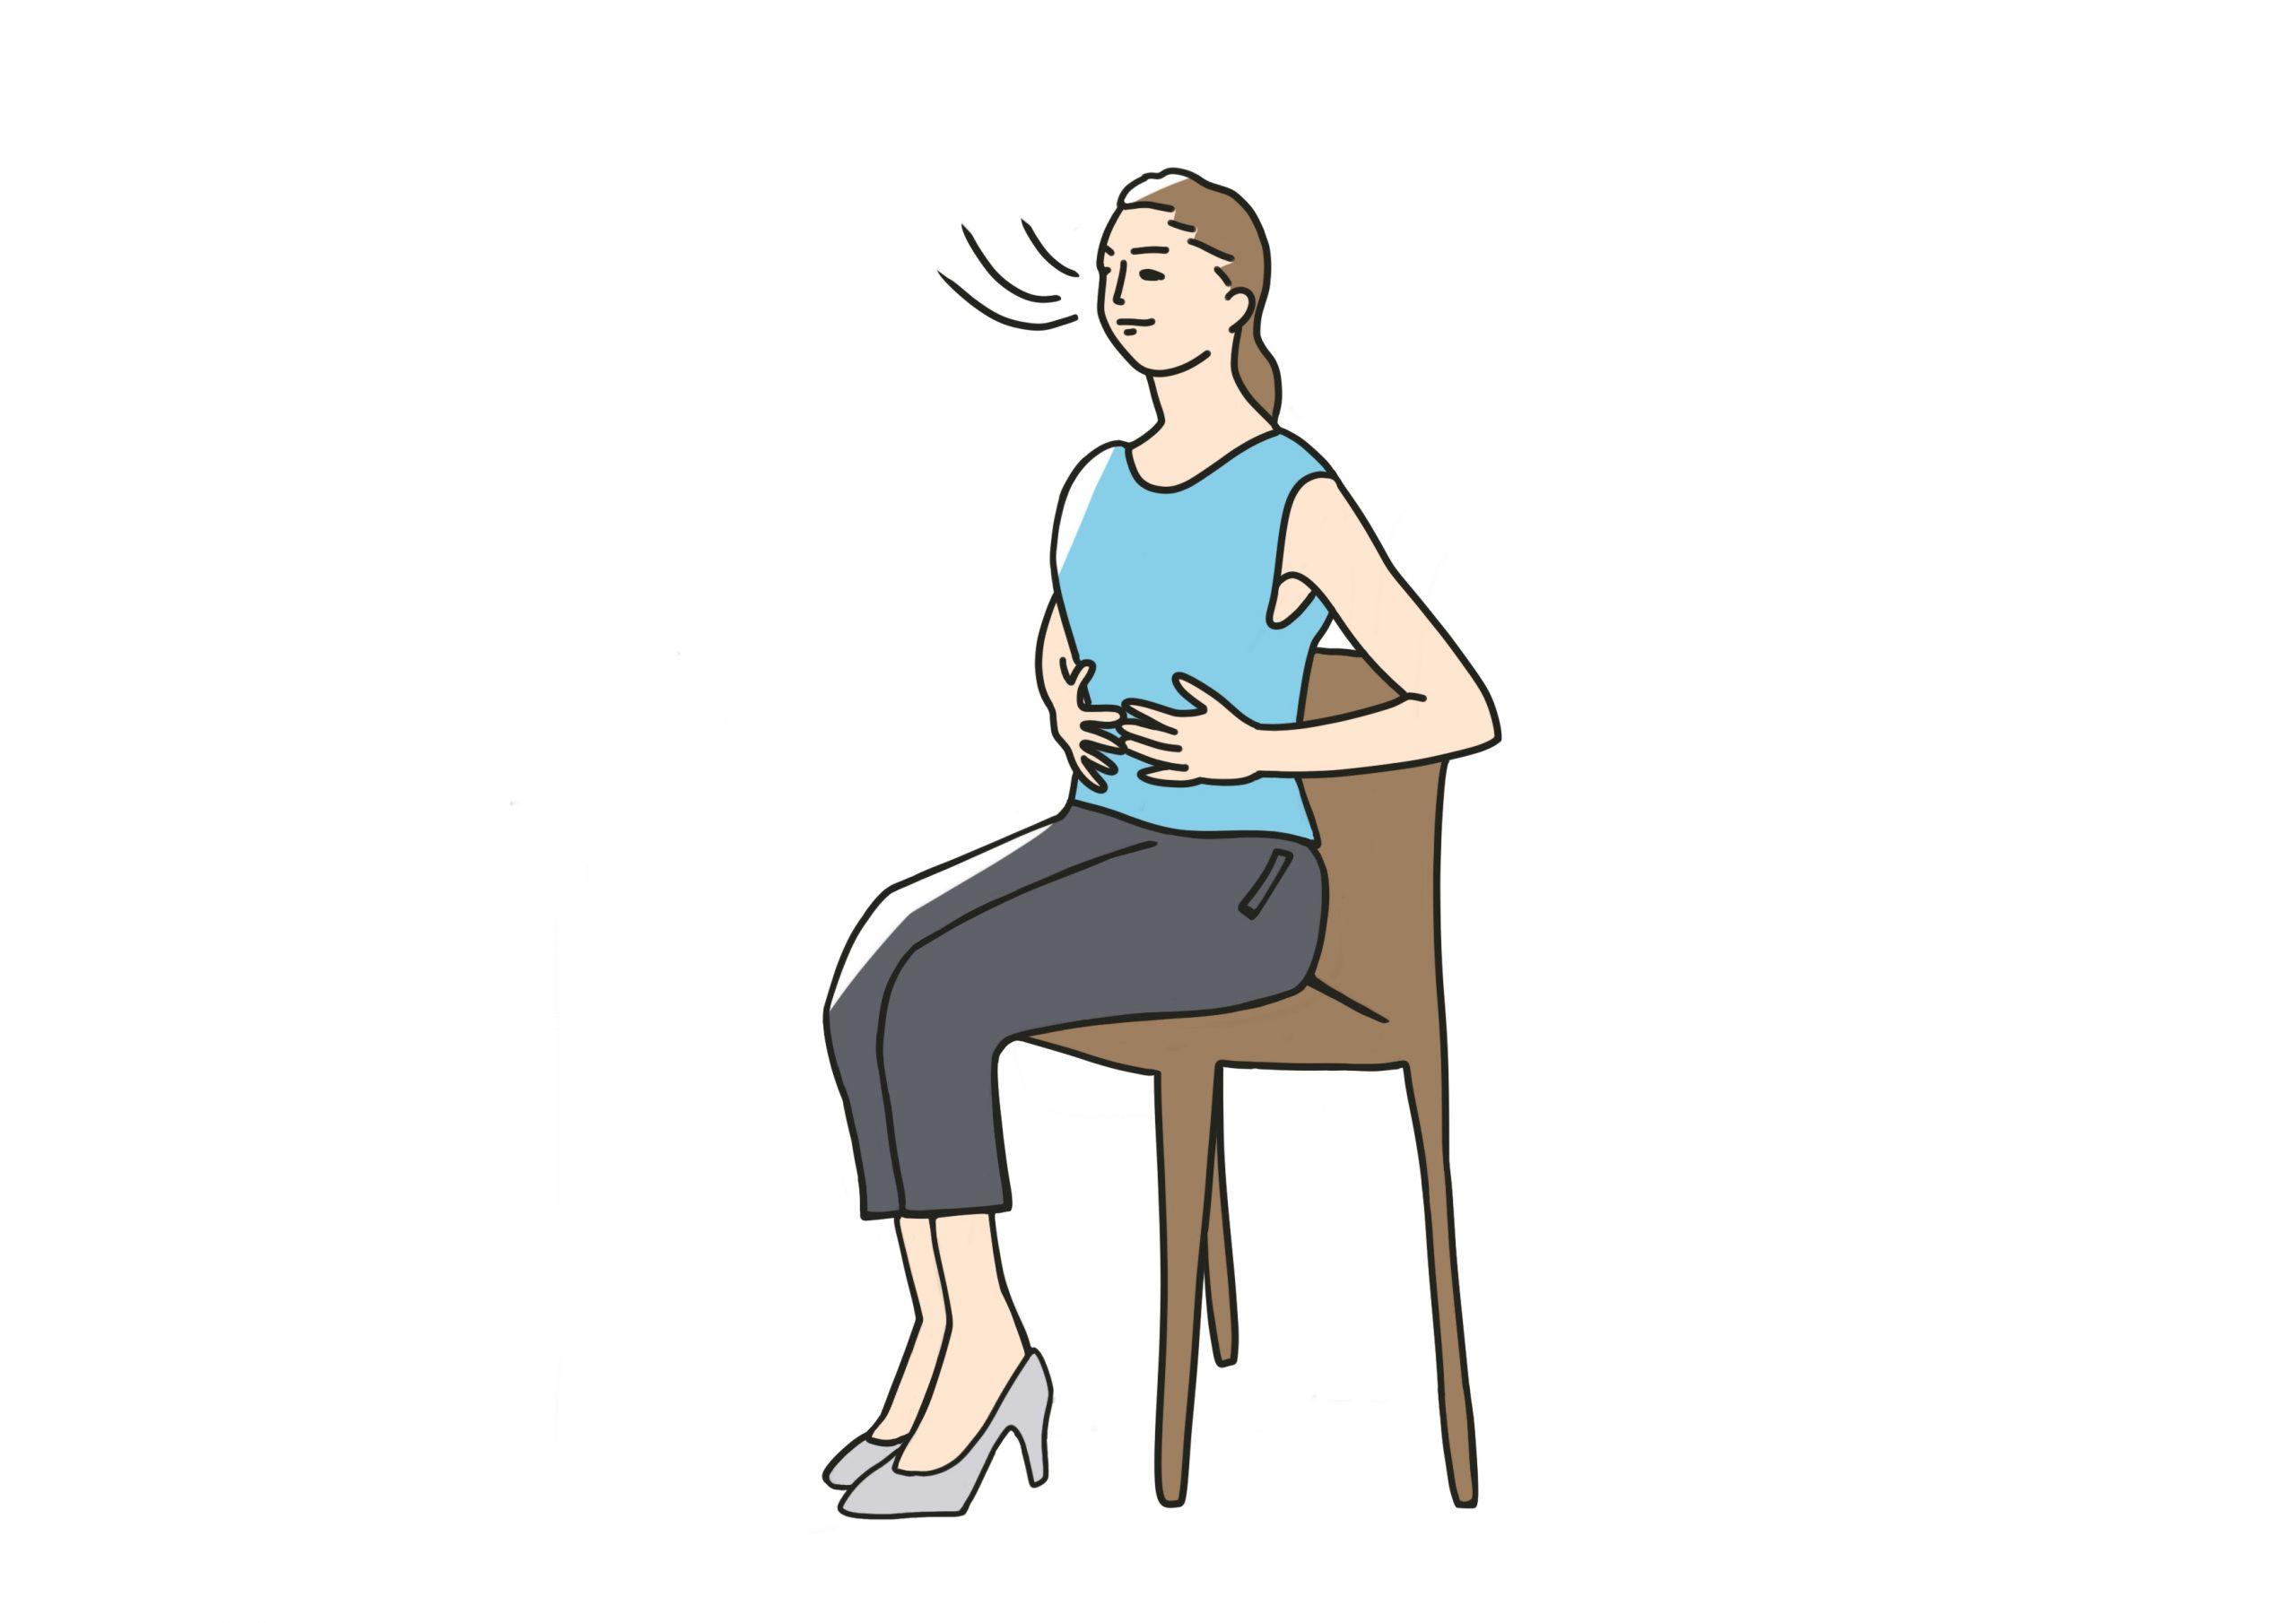 リハビリ運動が効率的にできる呼吸法「腹式呼吸」の話